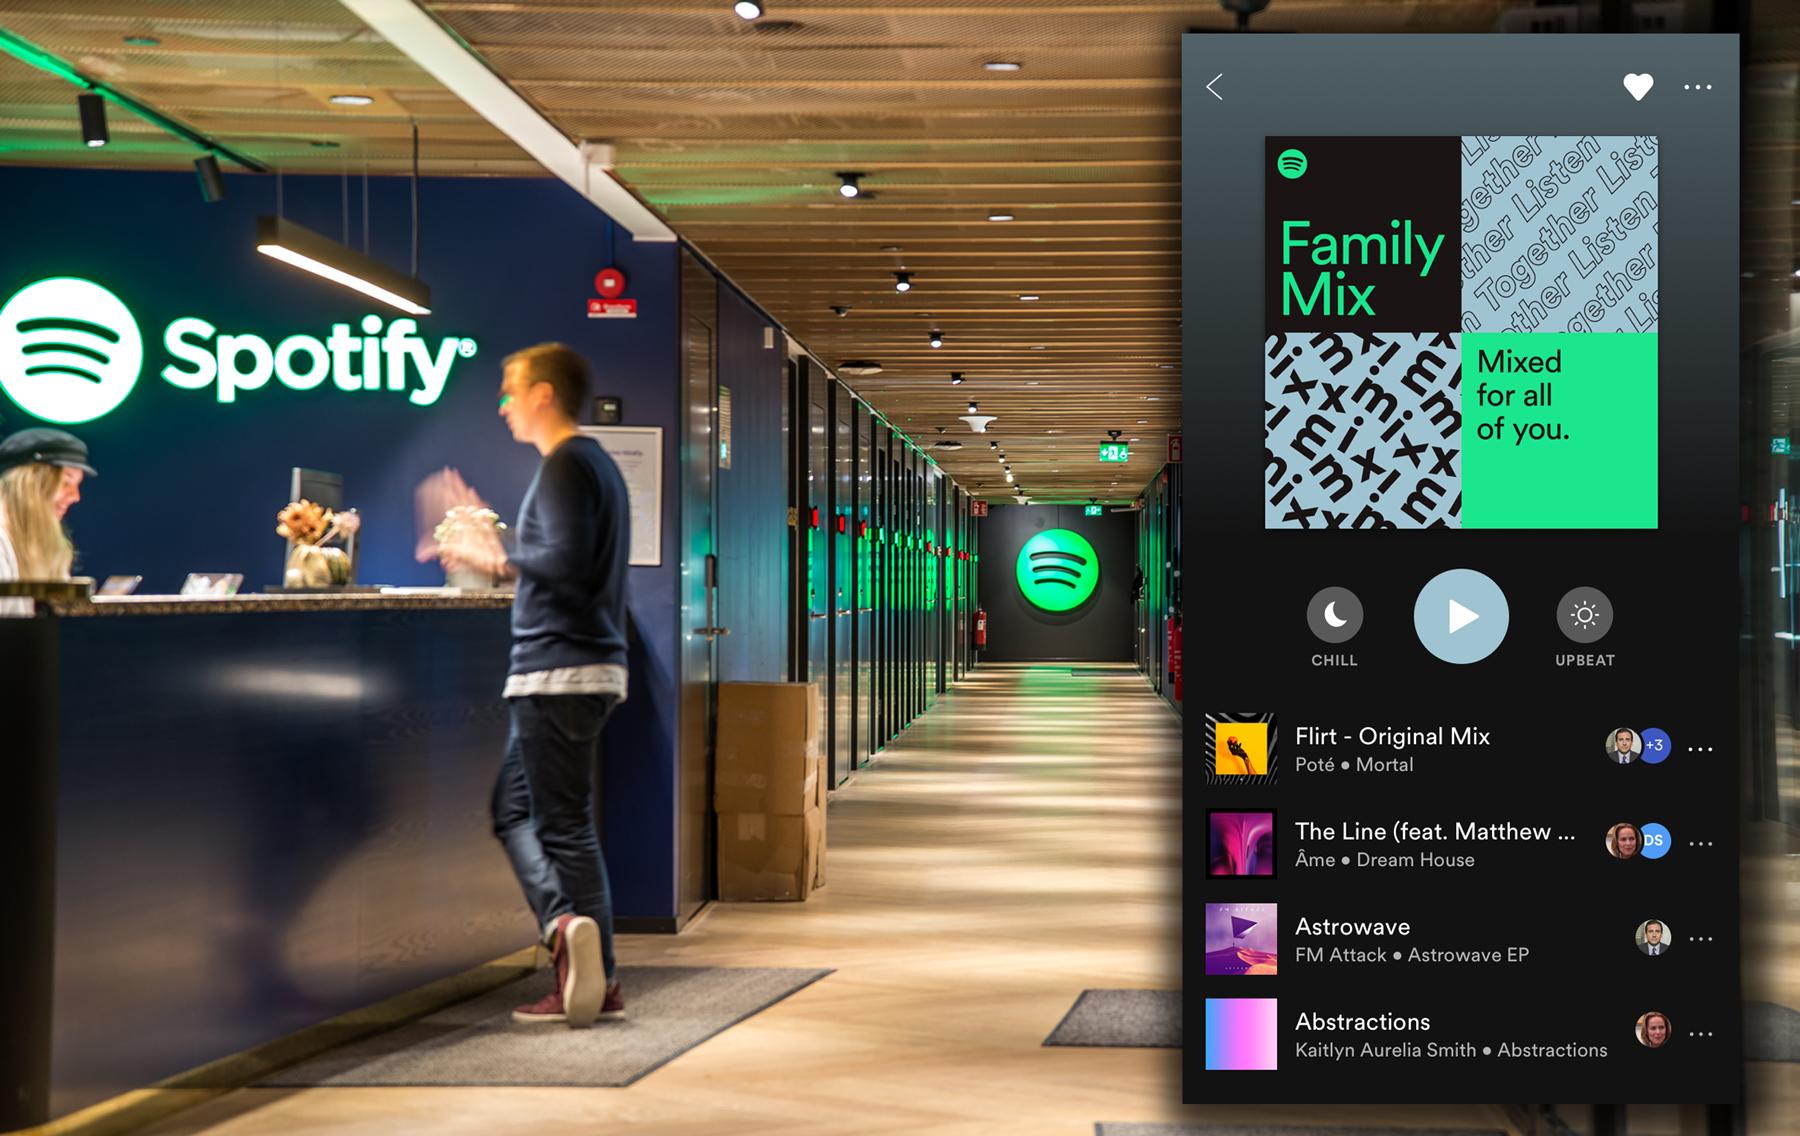 отменить автопродление подписки Spotify